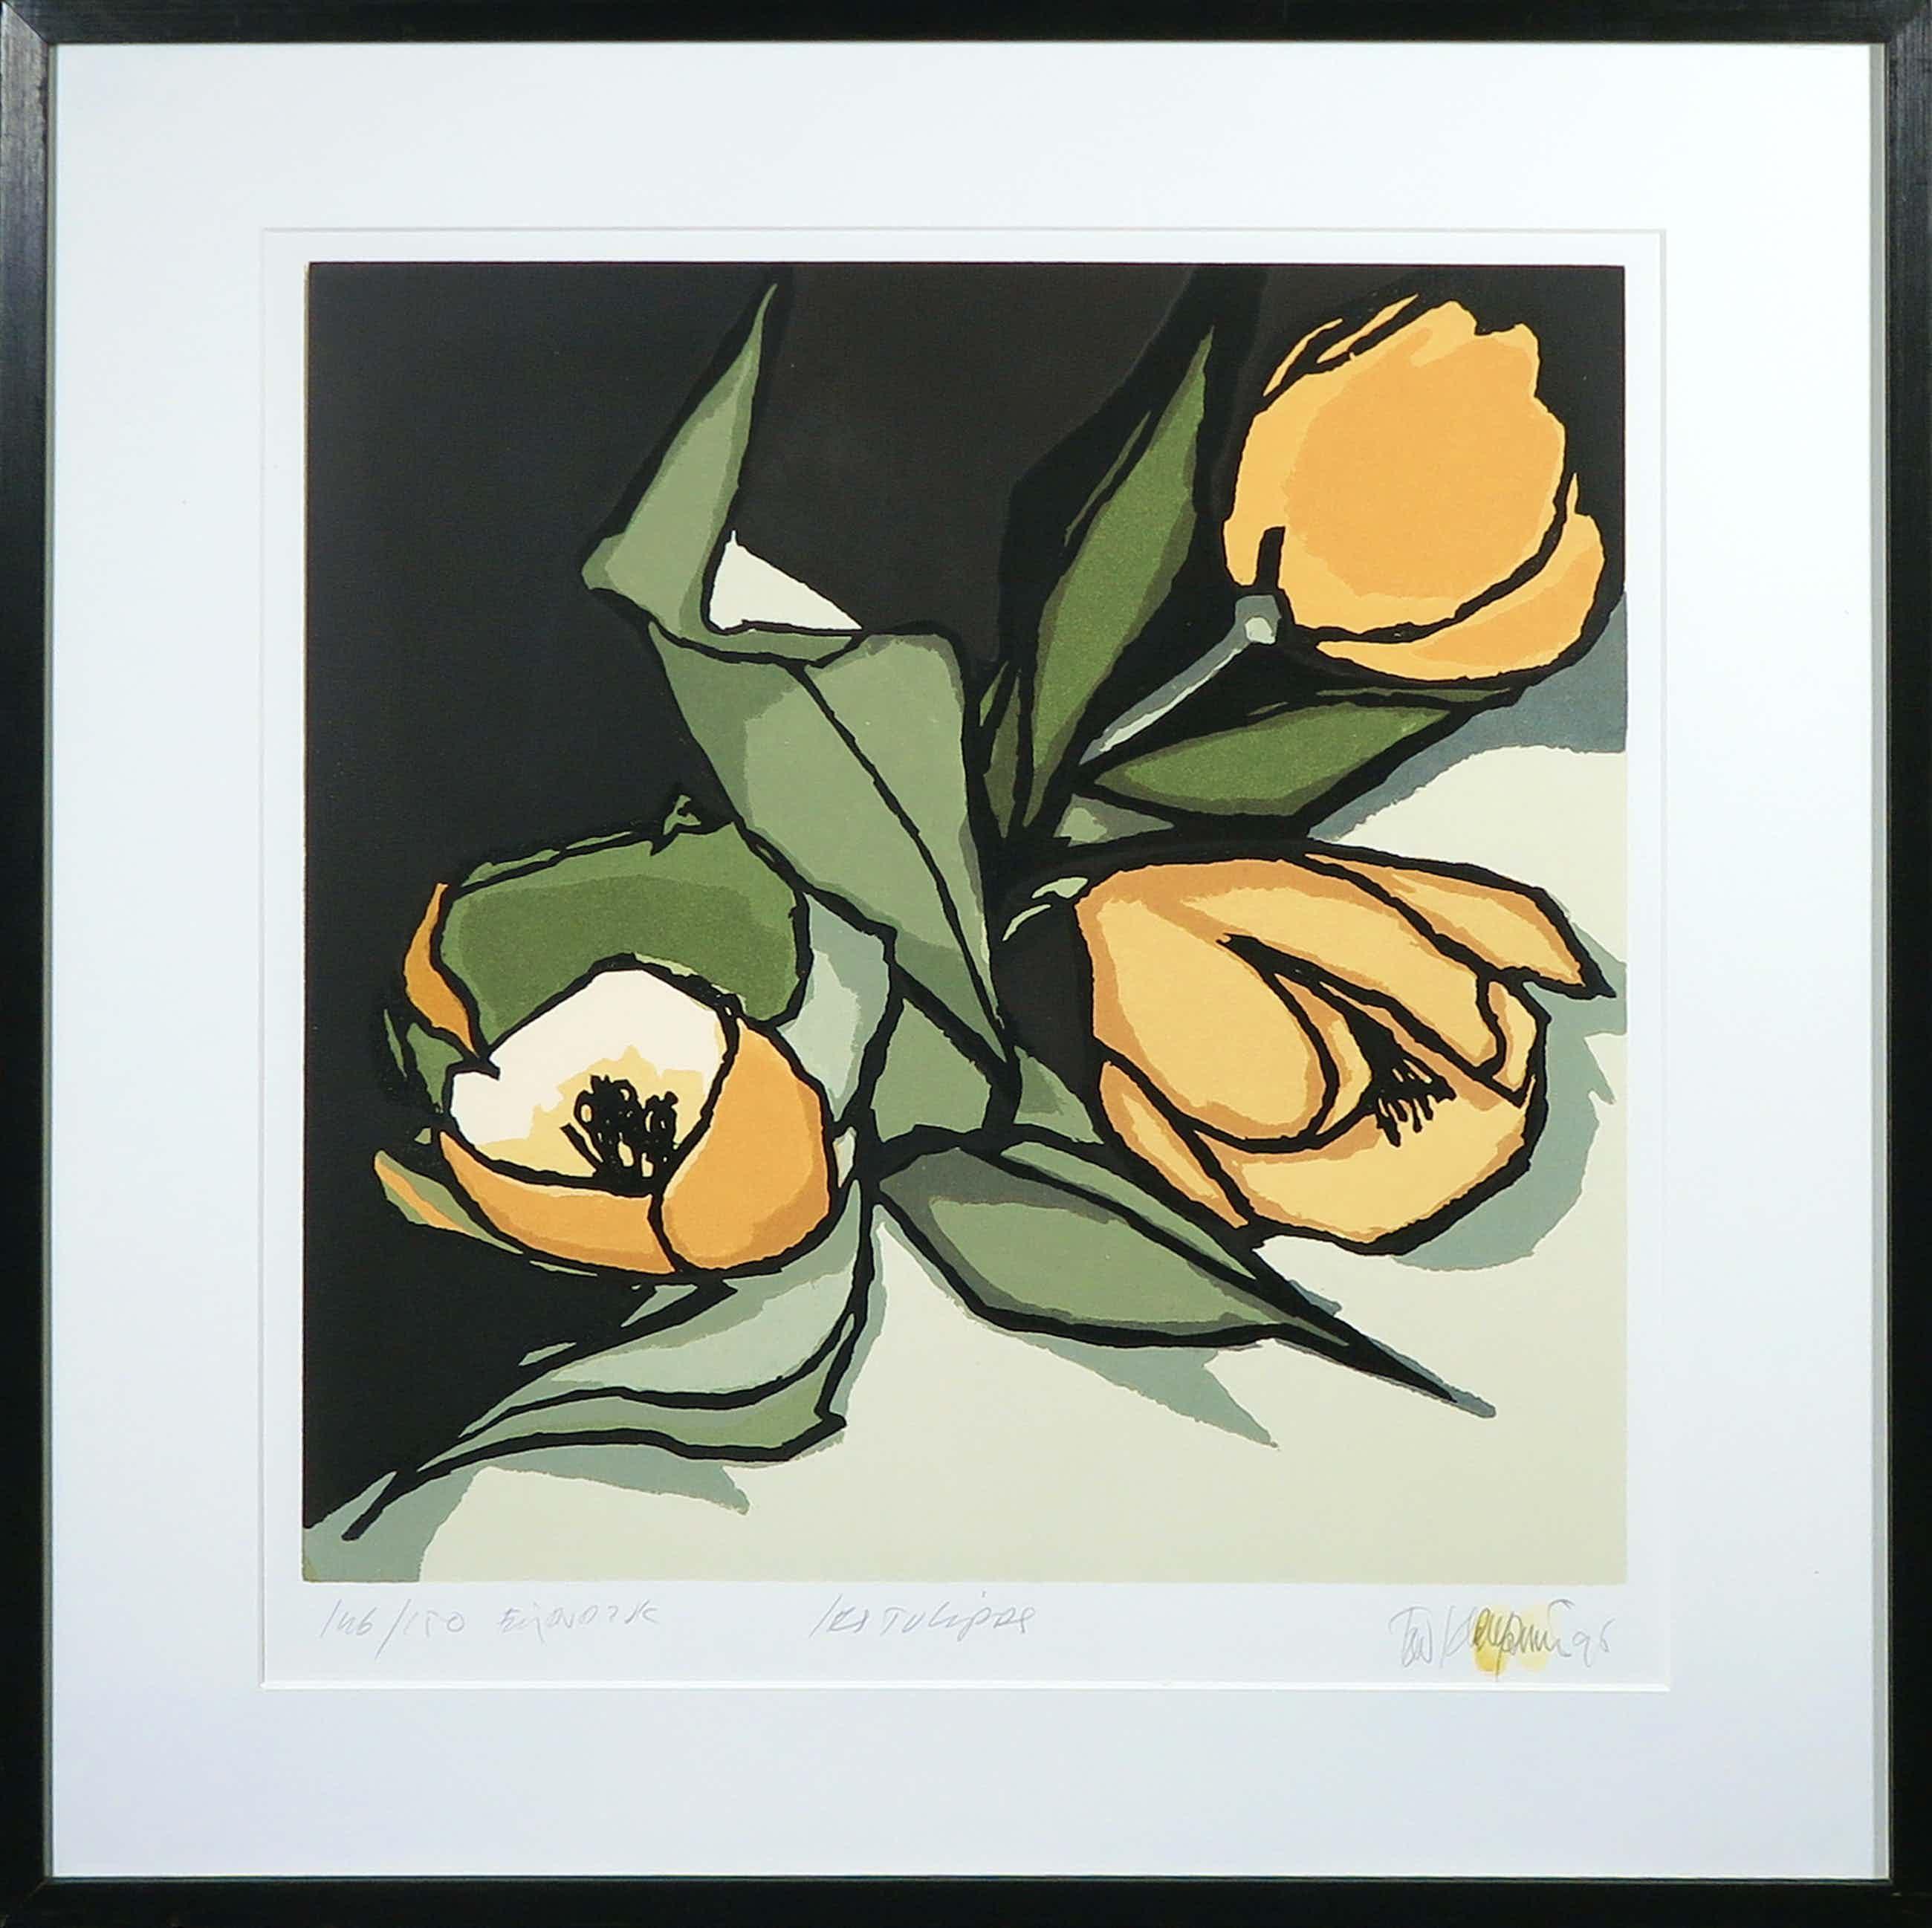 Fon Klement - Boardsnede, Les Tulips - Ingelijst kopen? Bied vanaf 201!